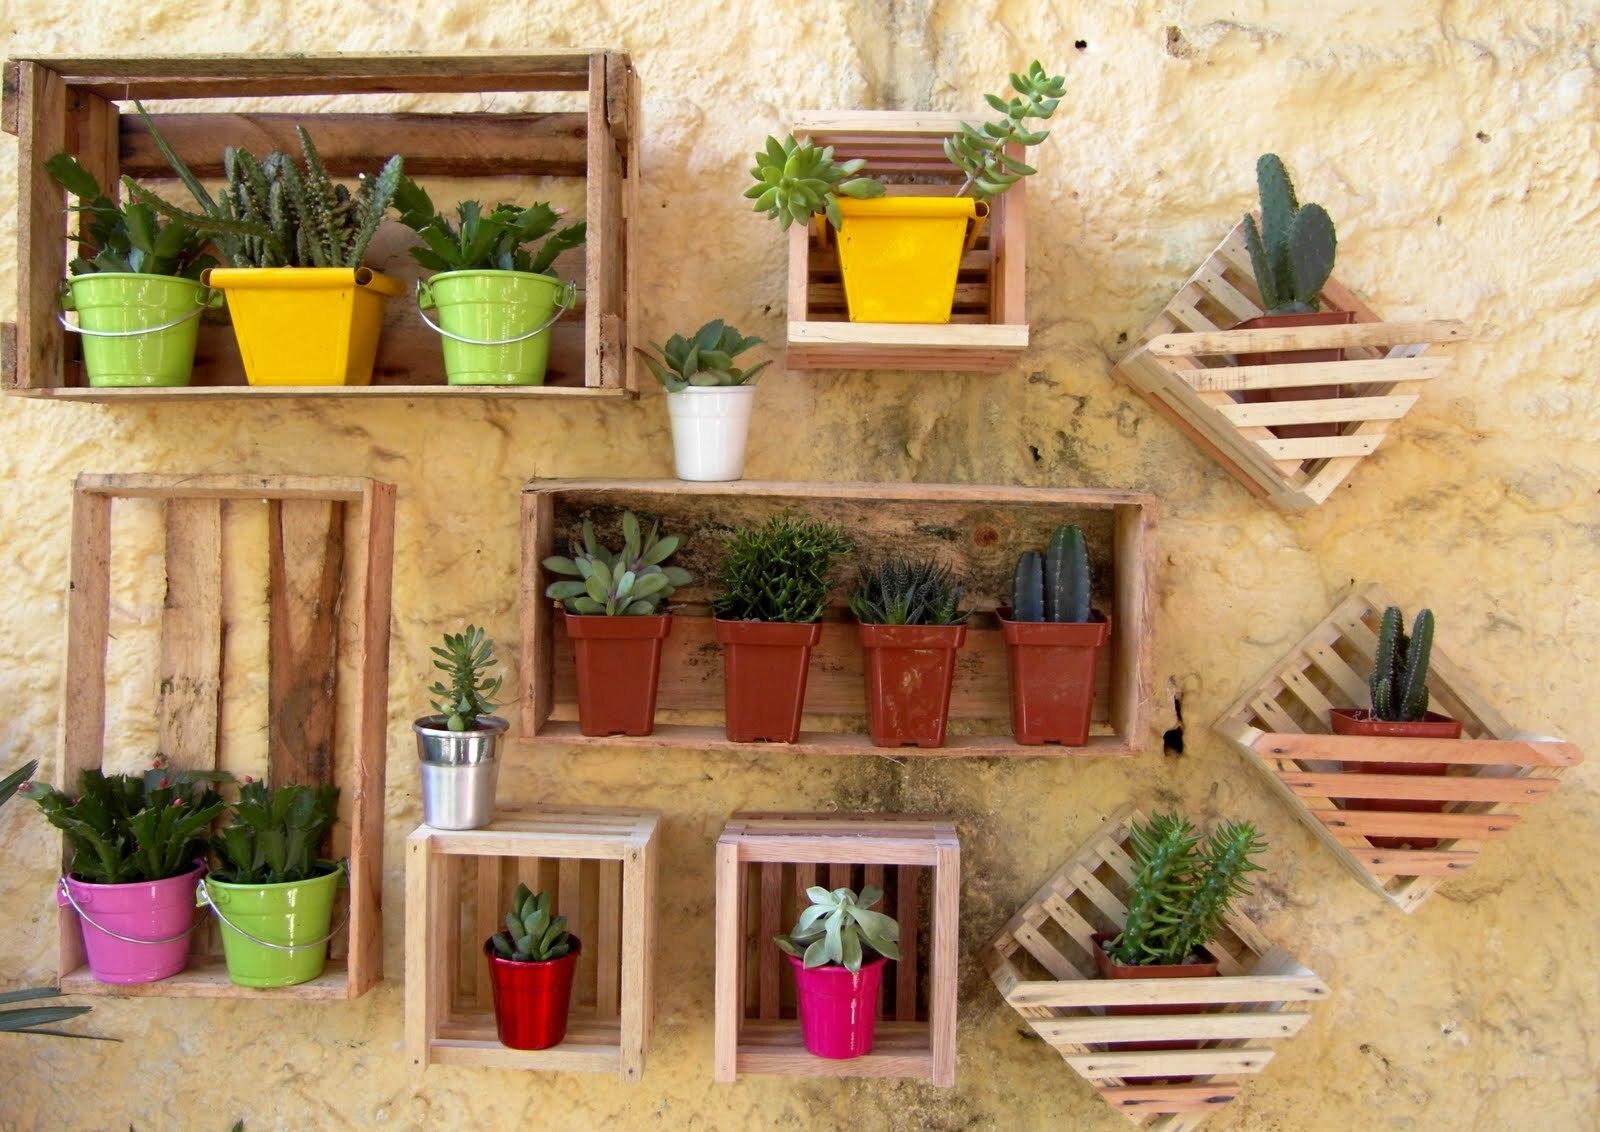 Caixotes de feira podem ser usados na decoração com estilo e bom  #C6A005 1600x1132 Banheiro Com Jardim Vertical